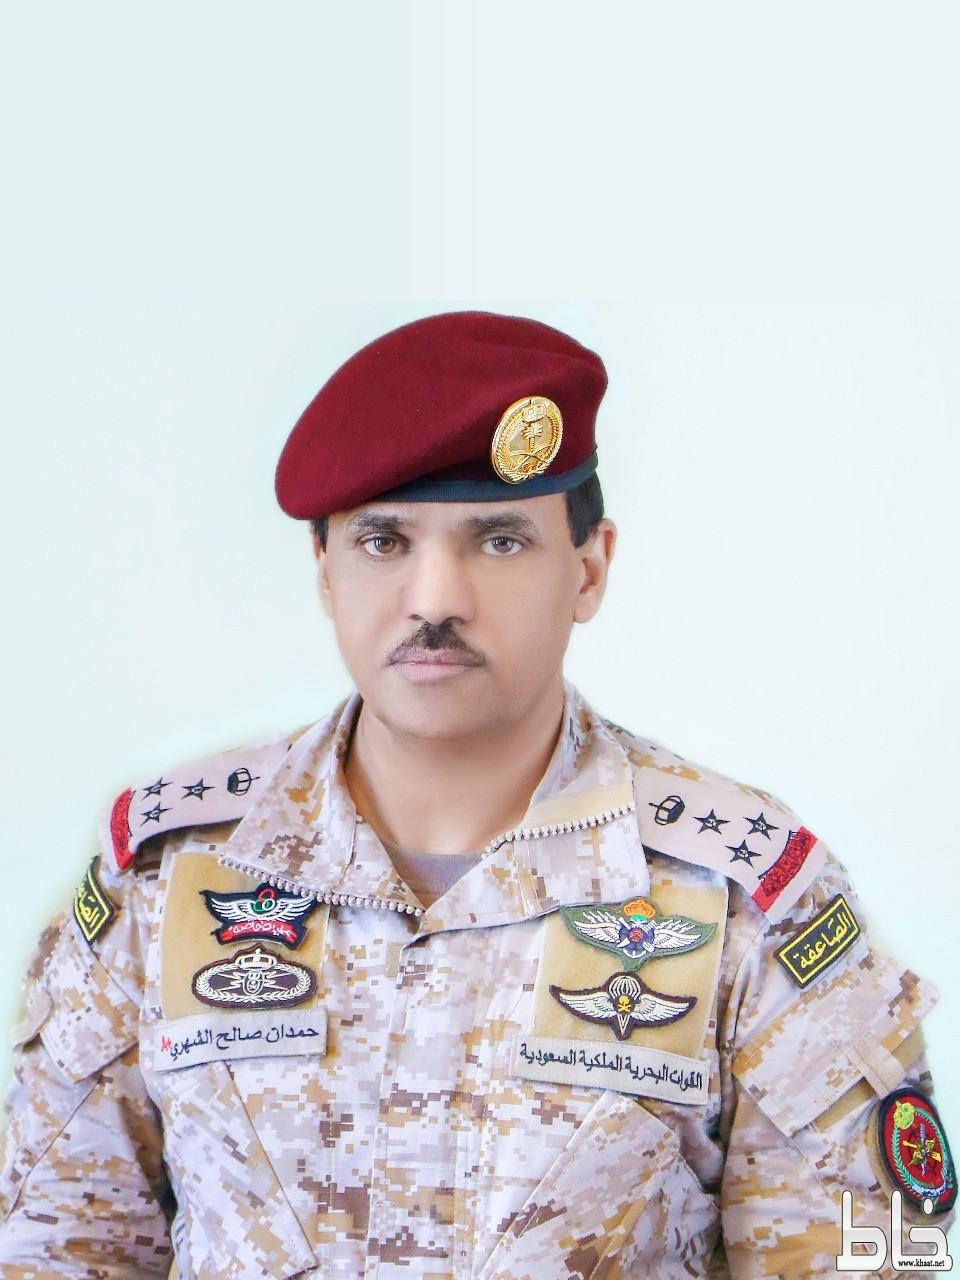 العميد حمدان صالح الشهري الى رتبة لواء بحري